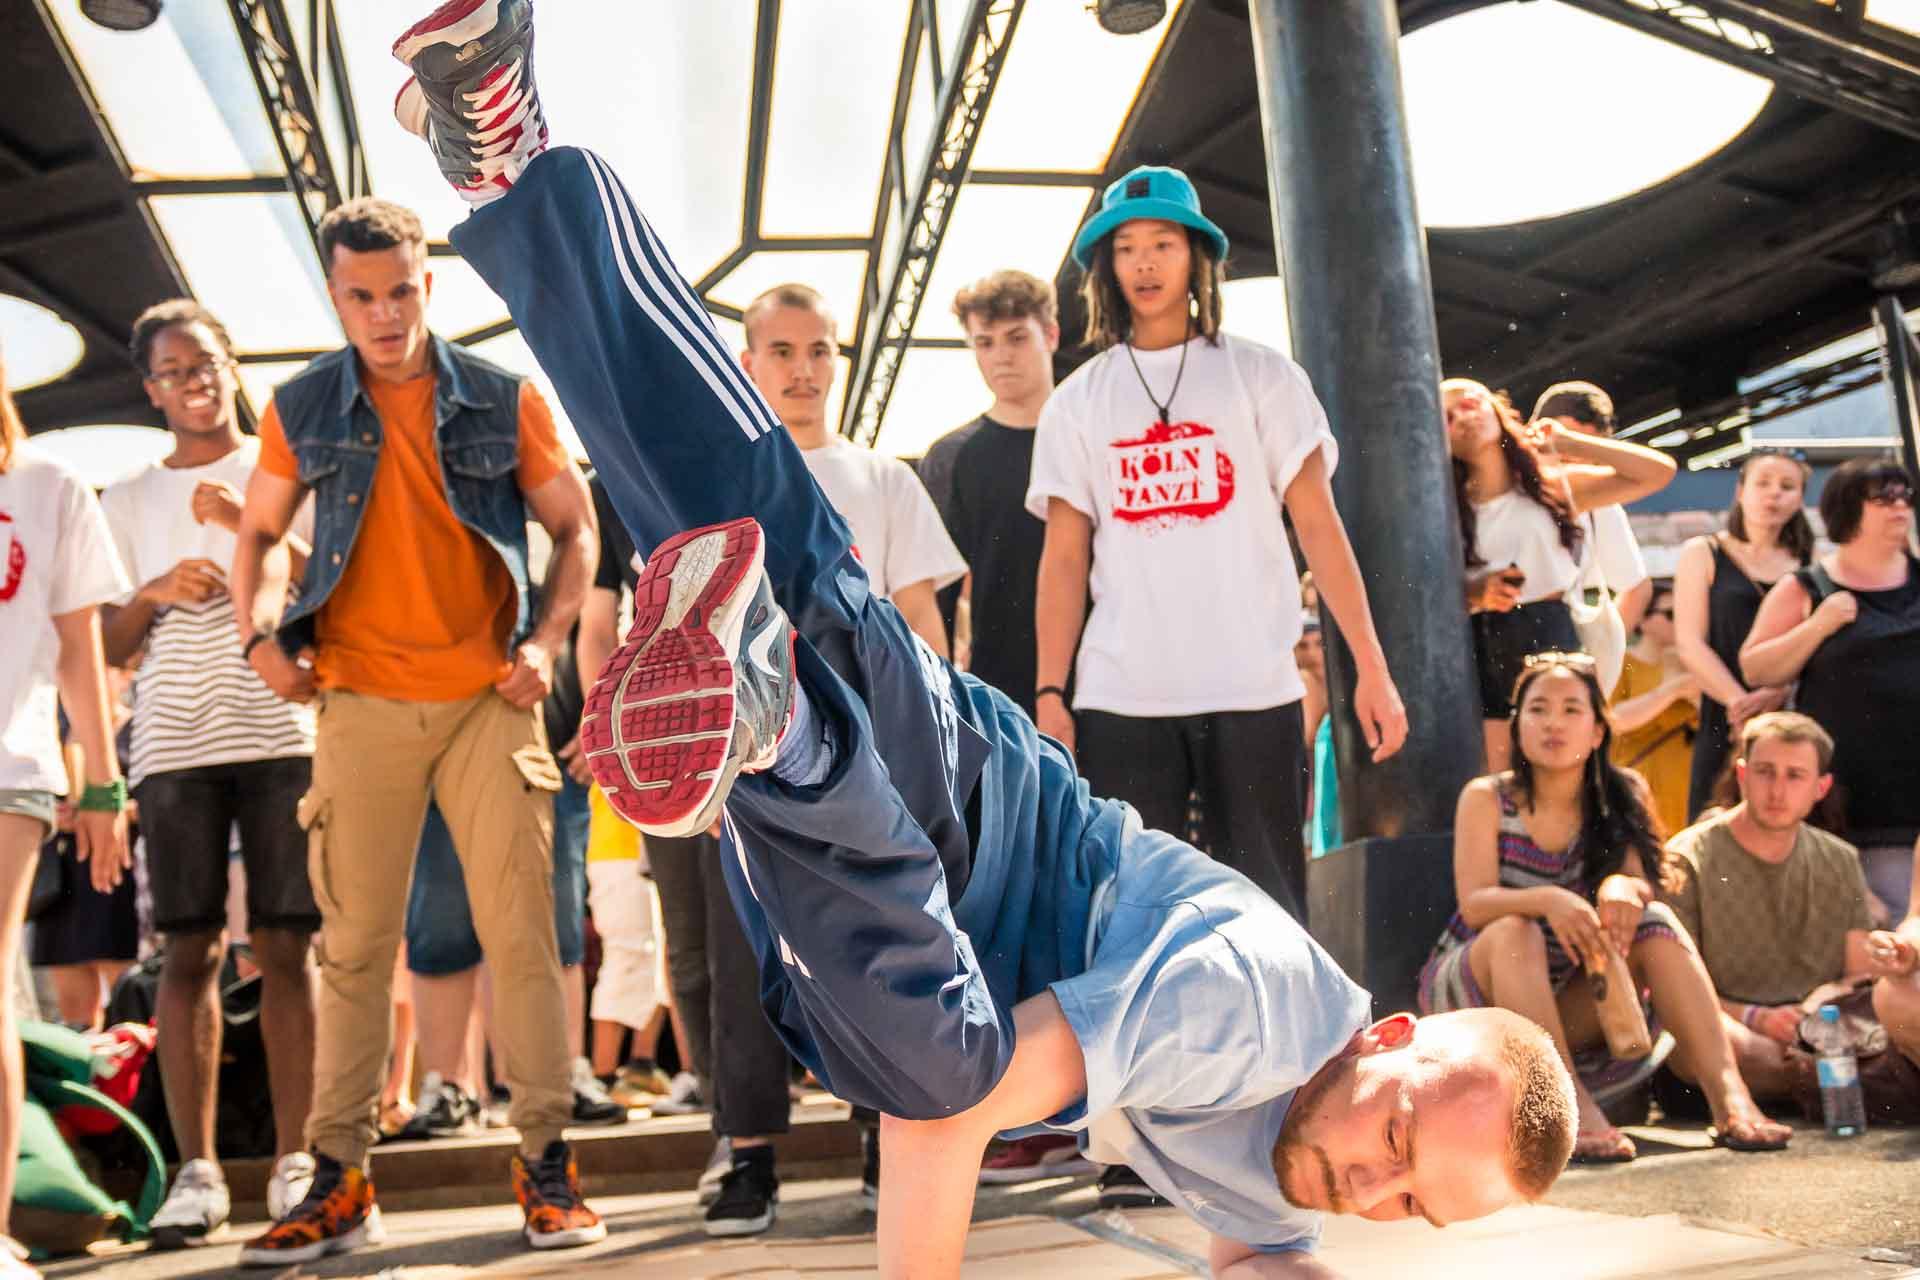 zusammenleuchten-festival-koeln-2017-16.jpg